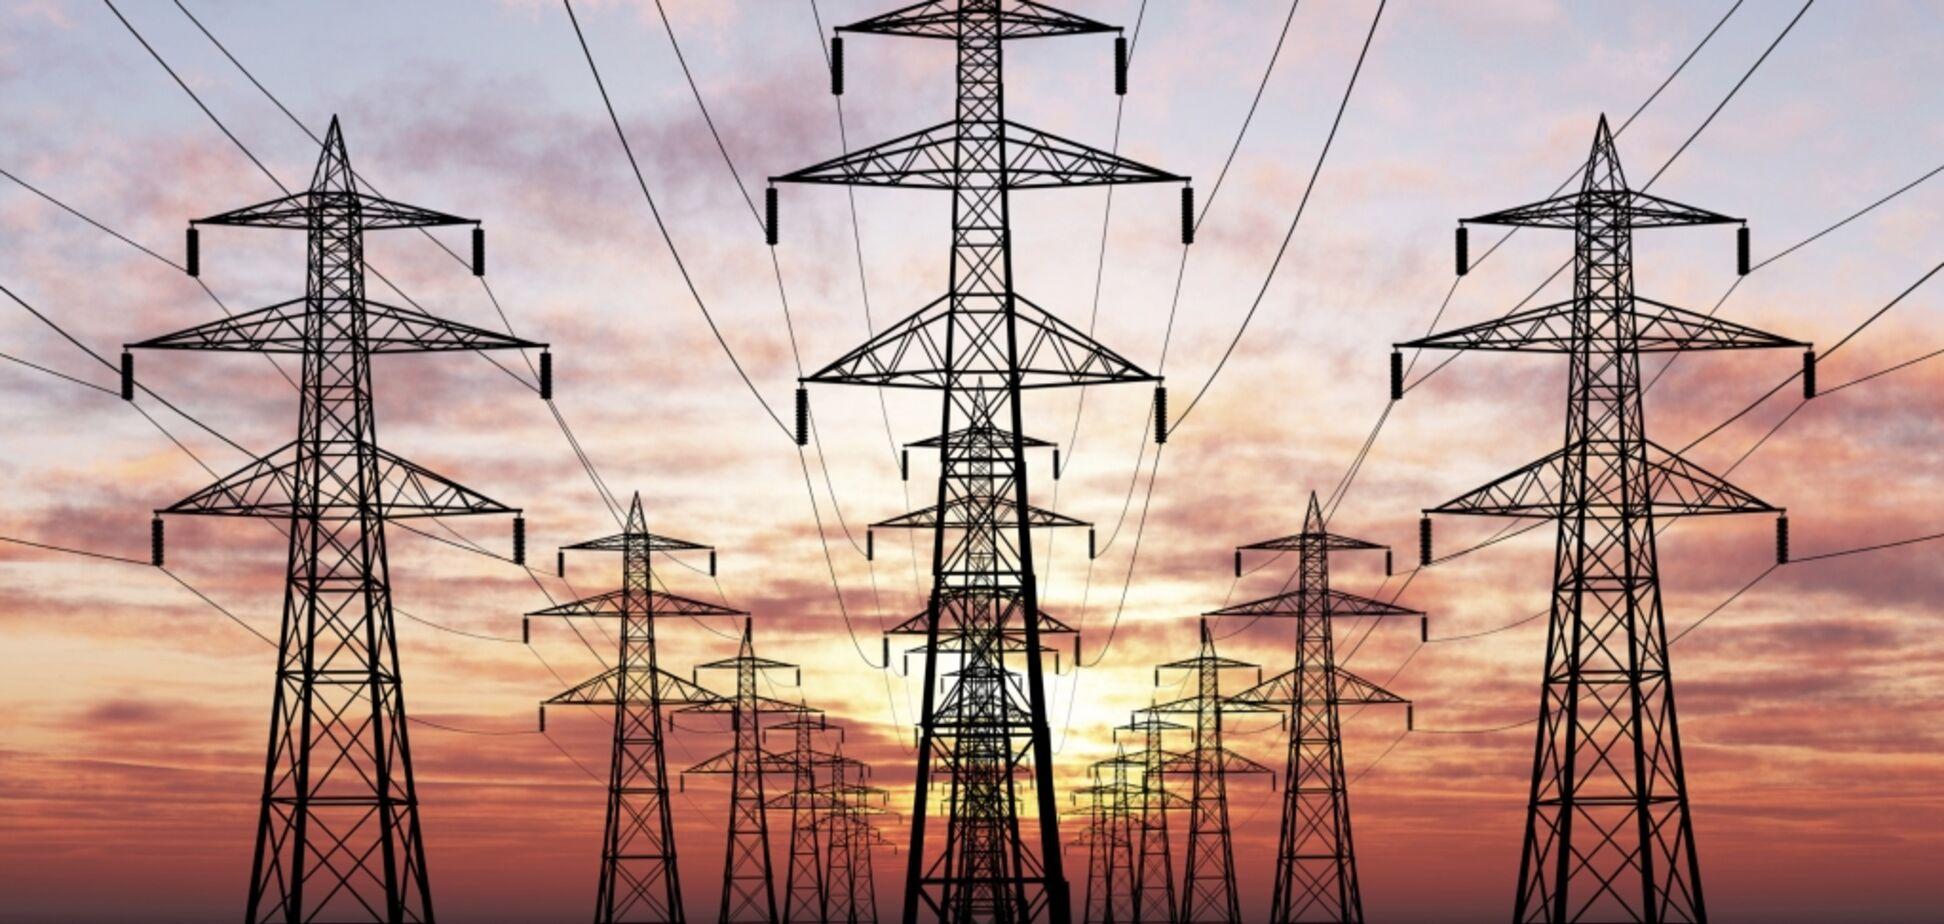 Подорожчання електроенергії: НКРЕКП не усвідомлює масштабу кризи в економіці